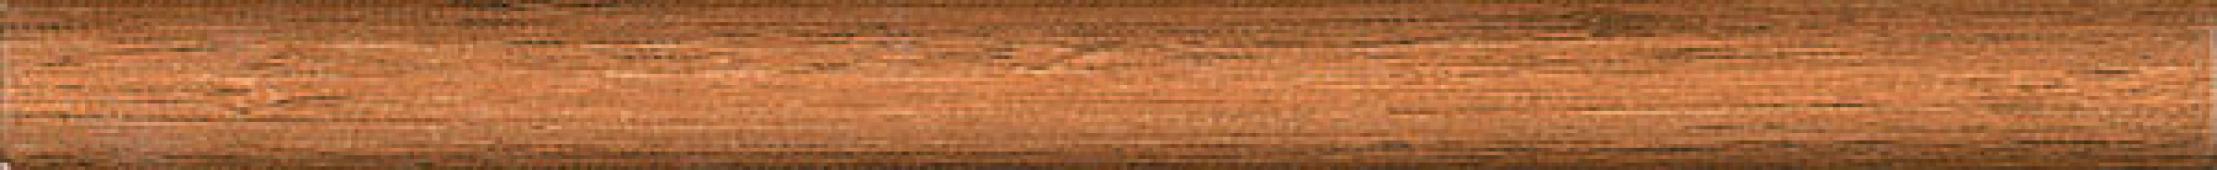 119 Карандаш Дерево коричневый матовый бордюр